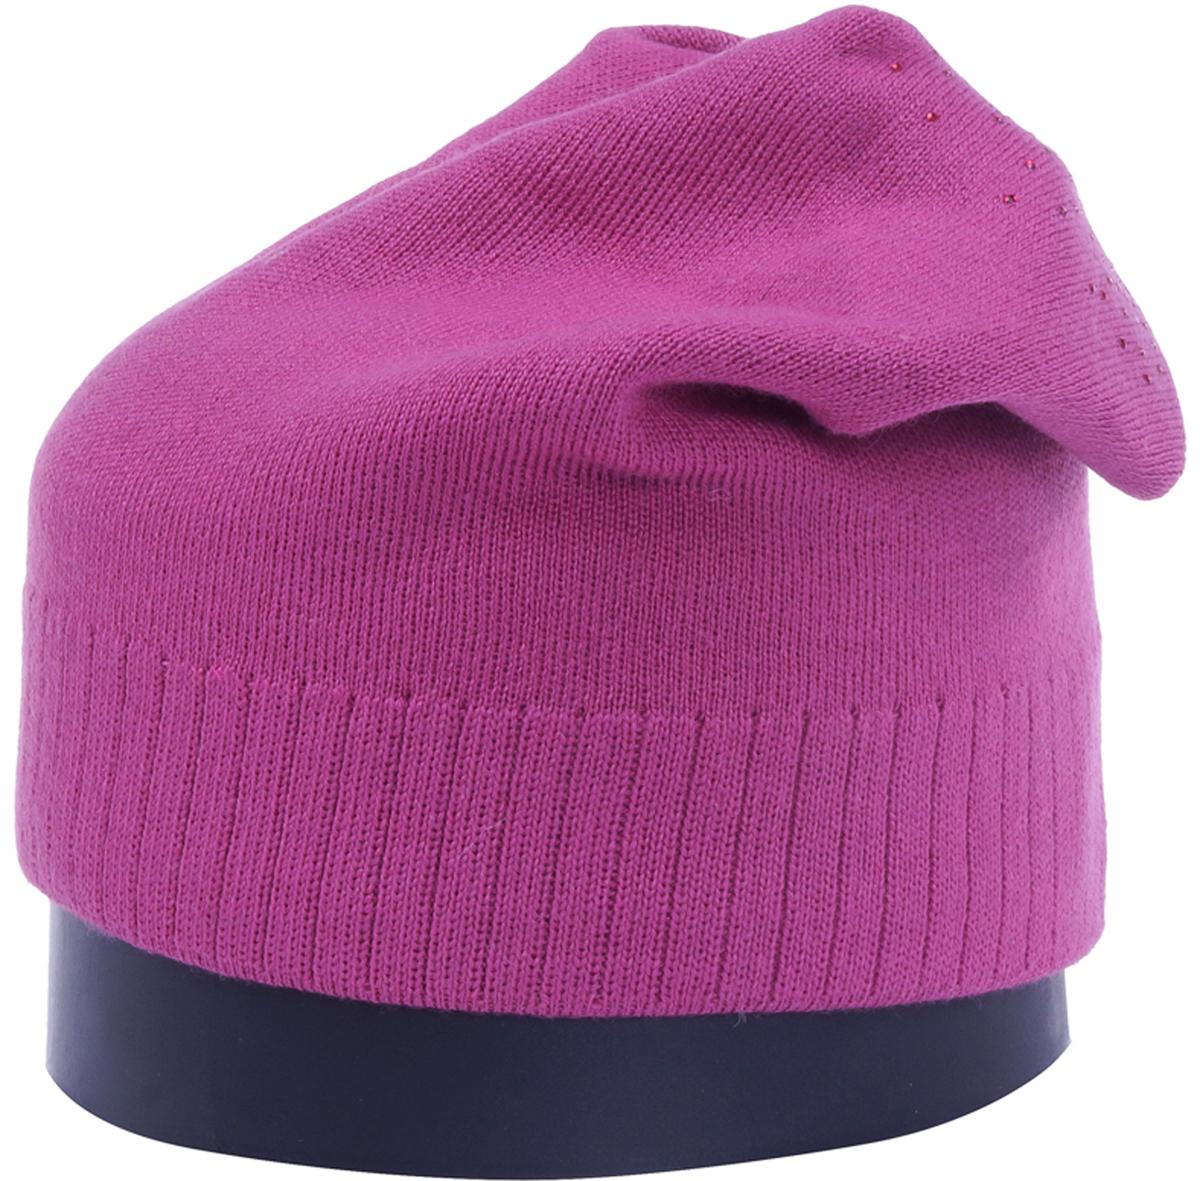 Шапка женская Vittorio Richi, цвет: брусничный. Aut141902C-29/17. Размер 56/58Aut141902CУдлиненная женская шапка Vittorio Richi отлично дополнит ваш образ в холодную погоду. Модель, изготовленная из шерсти с добавлением полиамида, максимально сохраняет тепло и обеспечивает удобную посадку. Шапка декорирована сзади узором из страз. Привлекательная стильная шапка подчеркнет ваш неповторимый стиль и индивидуальность.